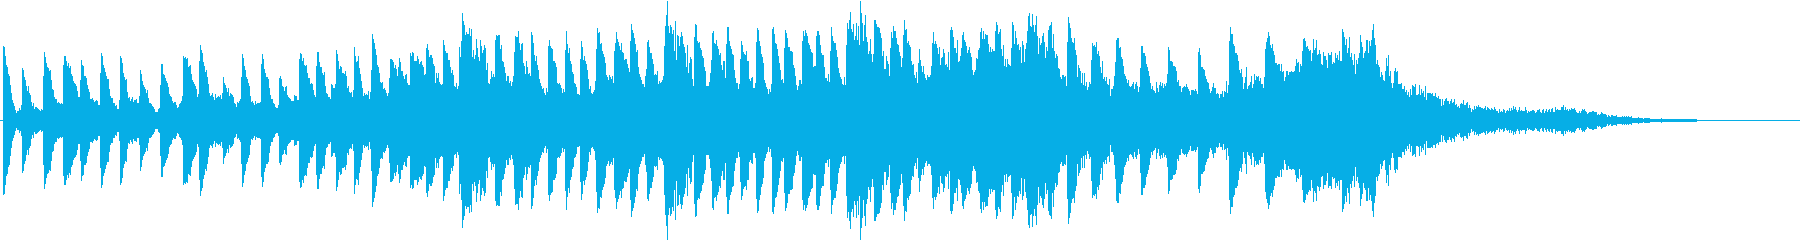 テンションビルダーズ不気味なピアノの再生済みの波形